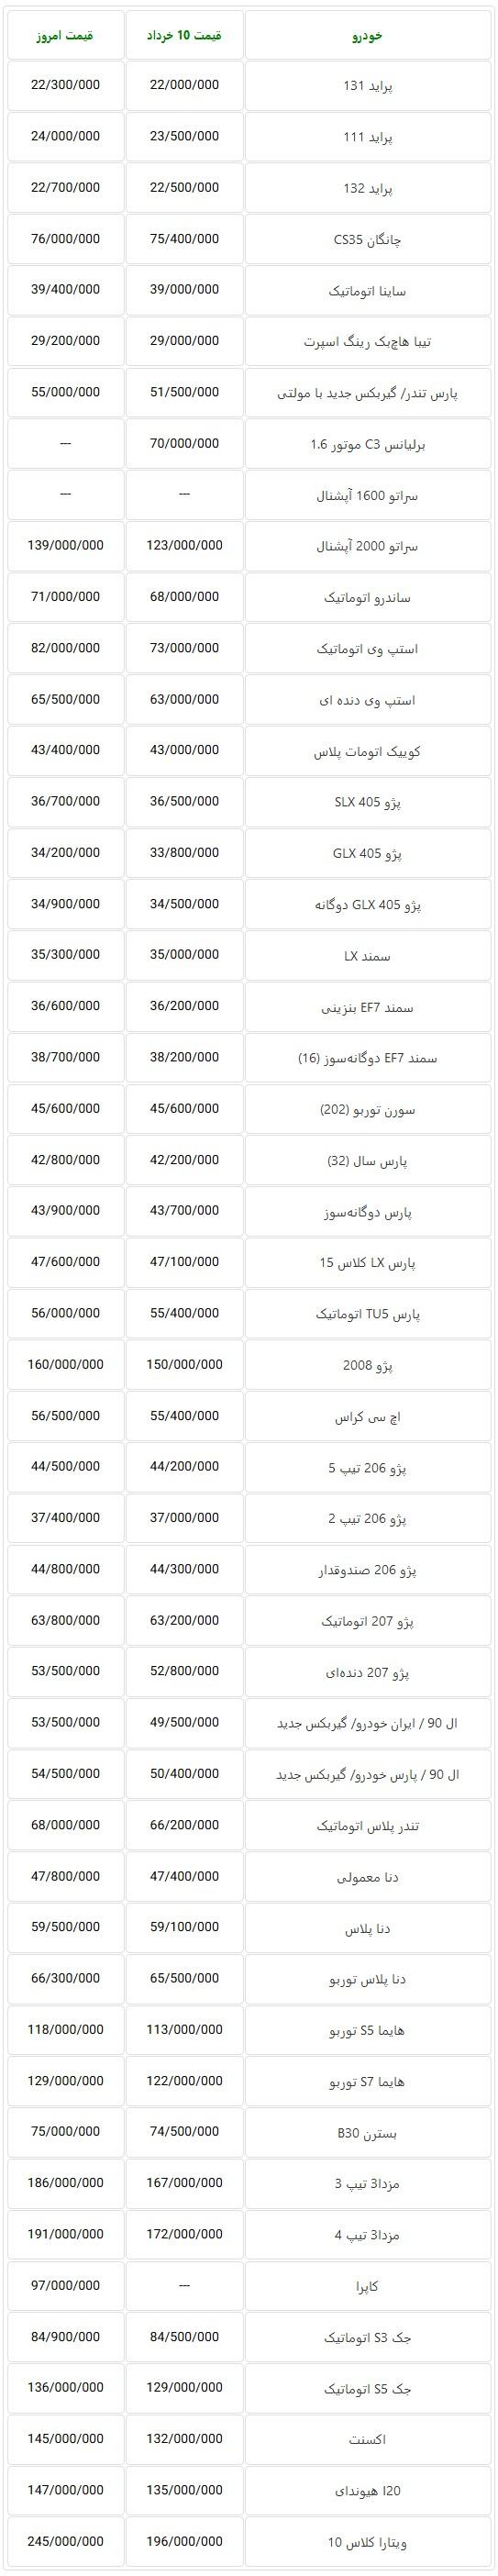 جدول قیمت روز خودروهای تولید داخل در بازار تهران – 19 خرداد